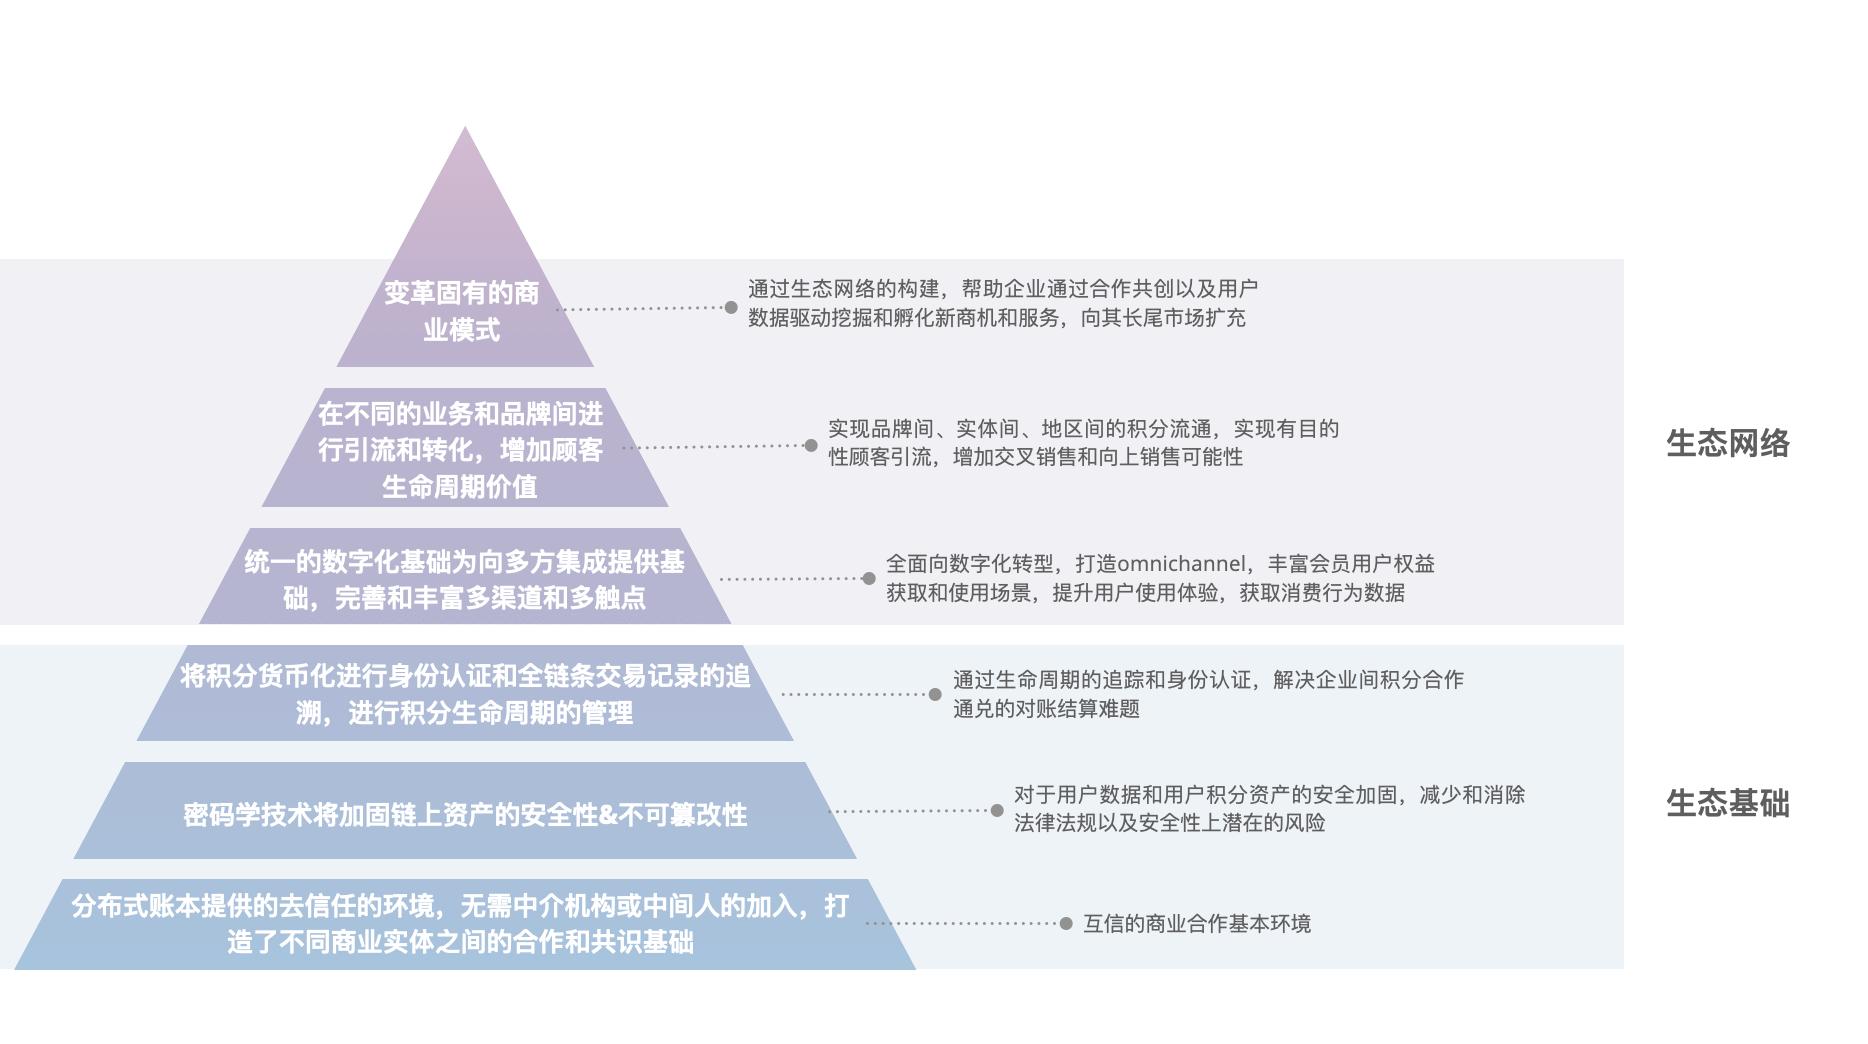 图 2:区块链忠诚奖励新生态.png